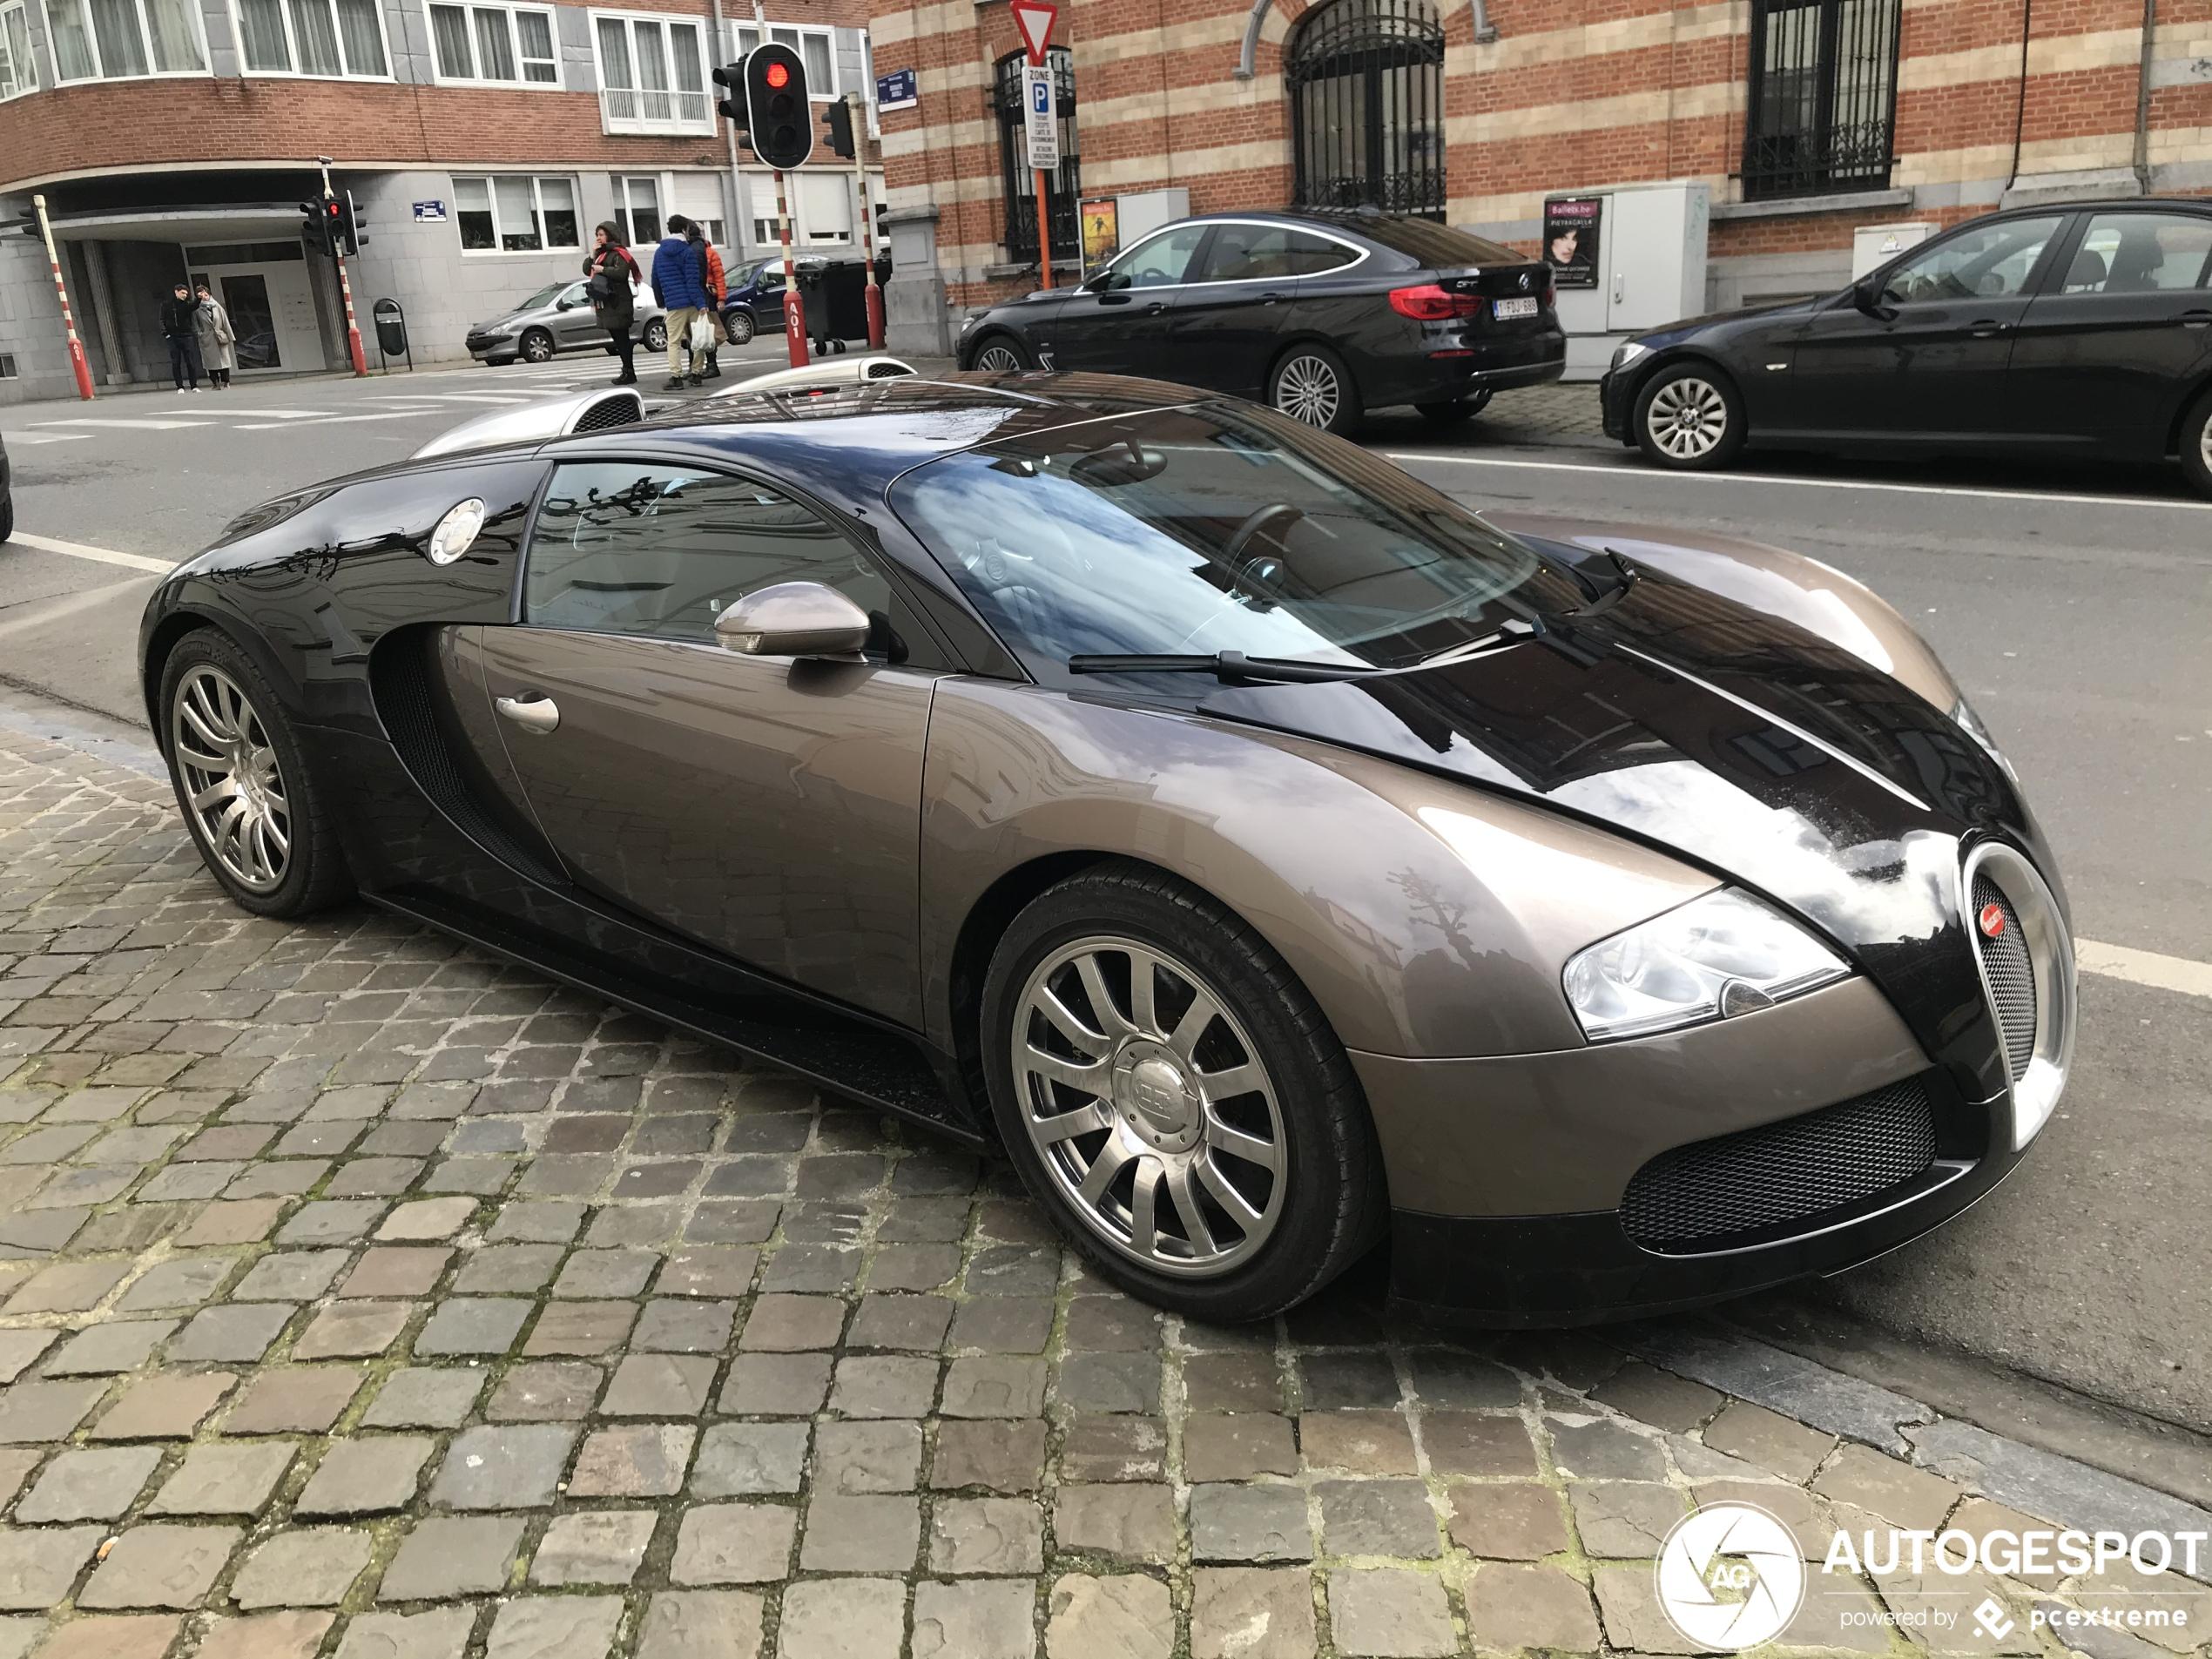 Bugatti Veyron 16.4 mocht weer eens de wielen laten rollen